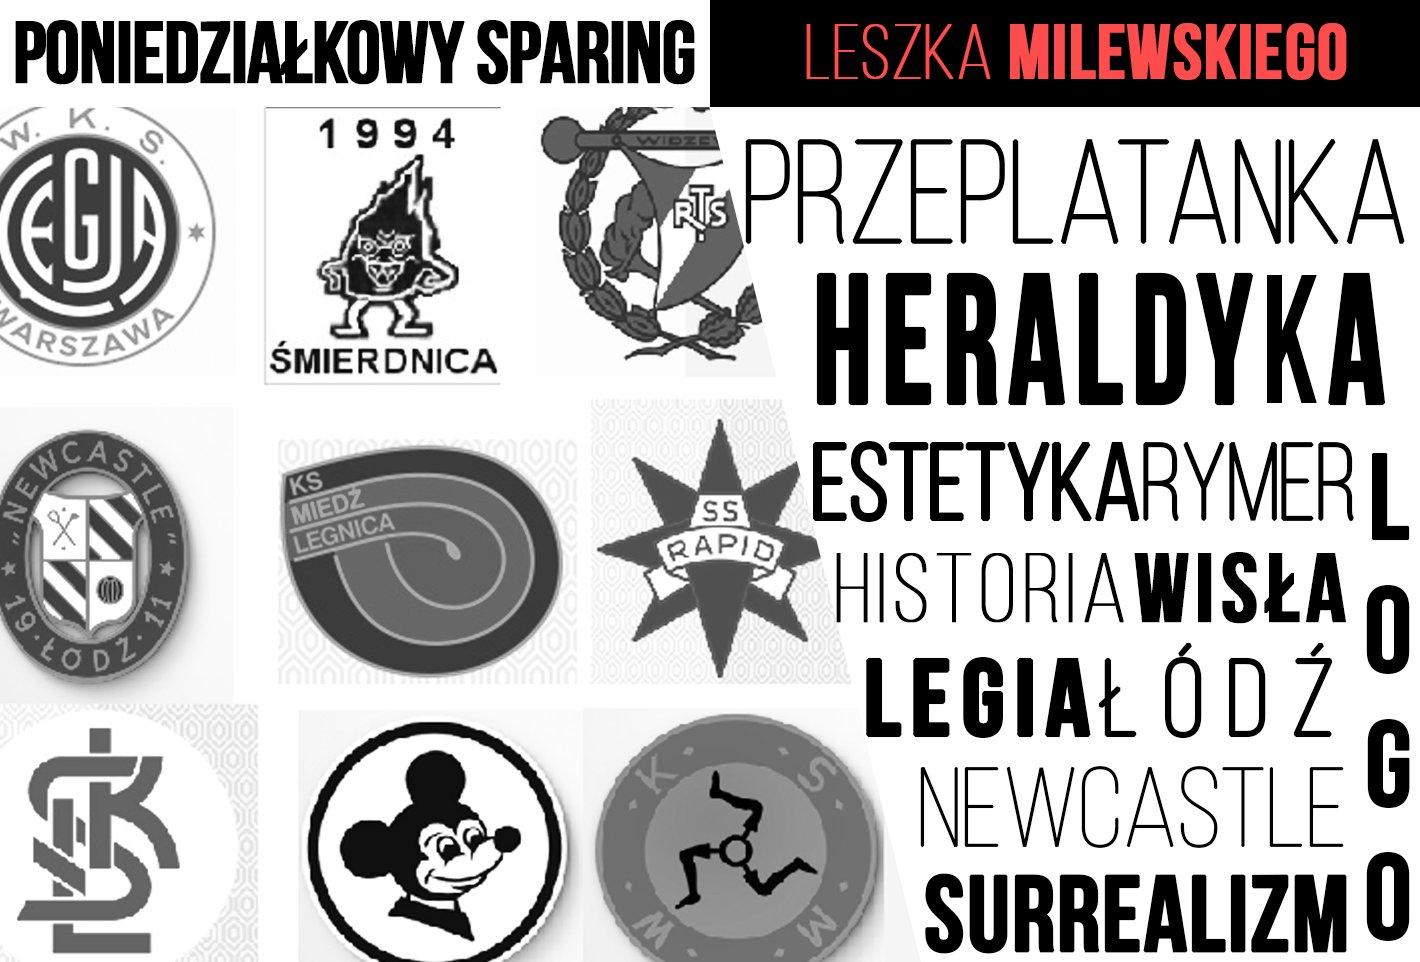 Wywiad Leszka Milewskiego z Kubą Malickim dla weszlo.com